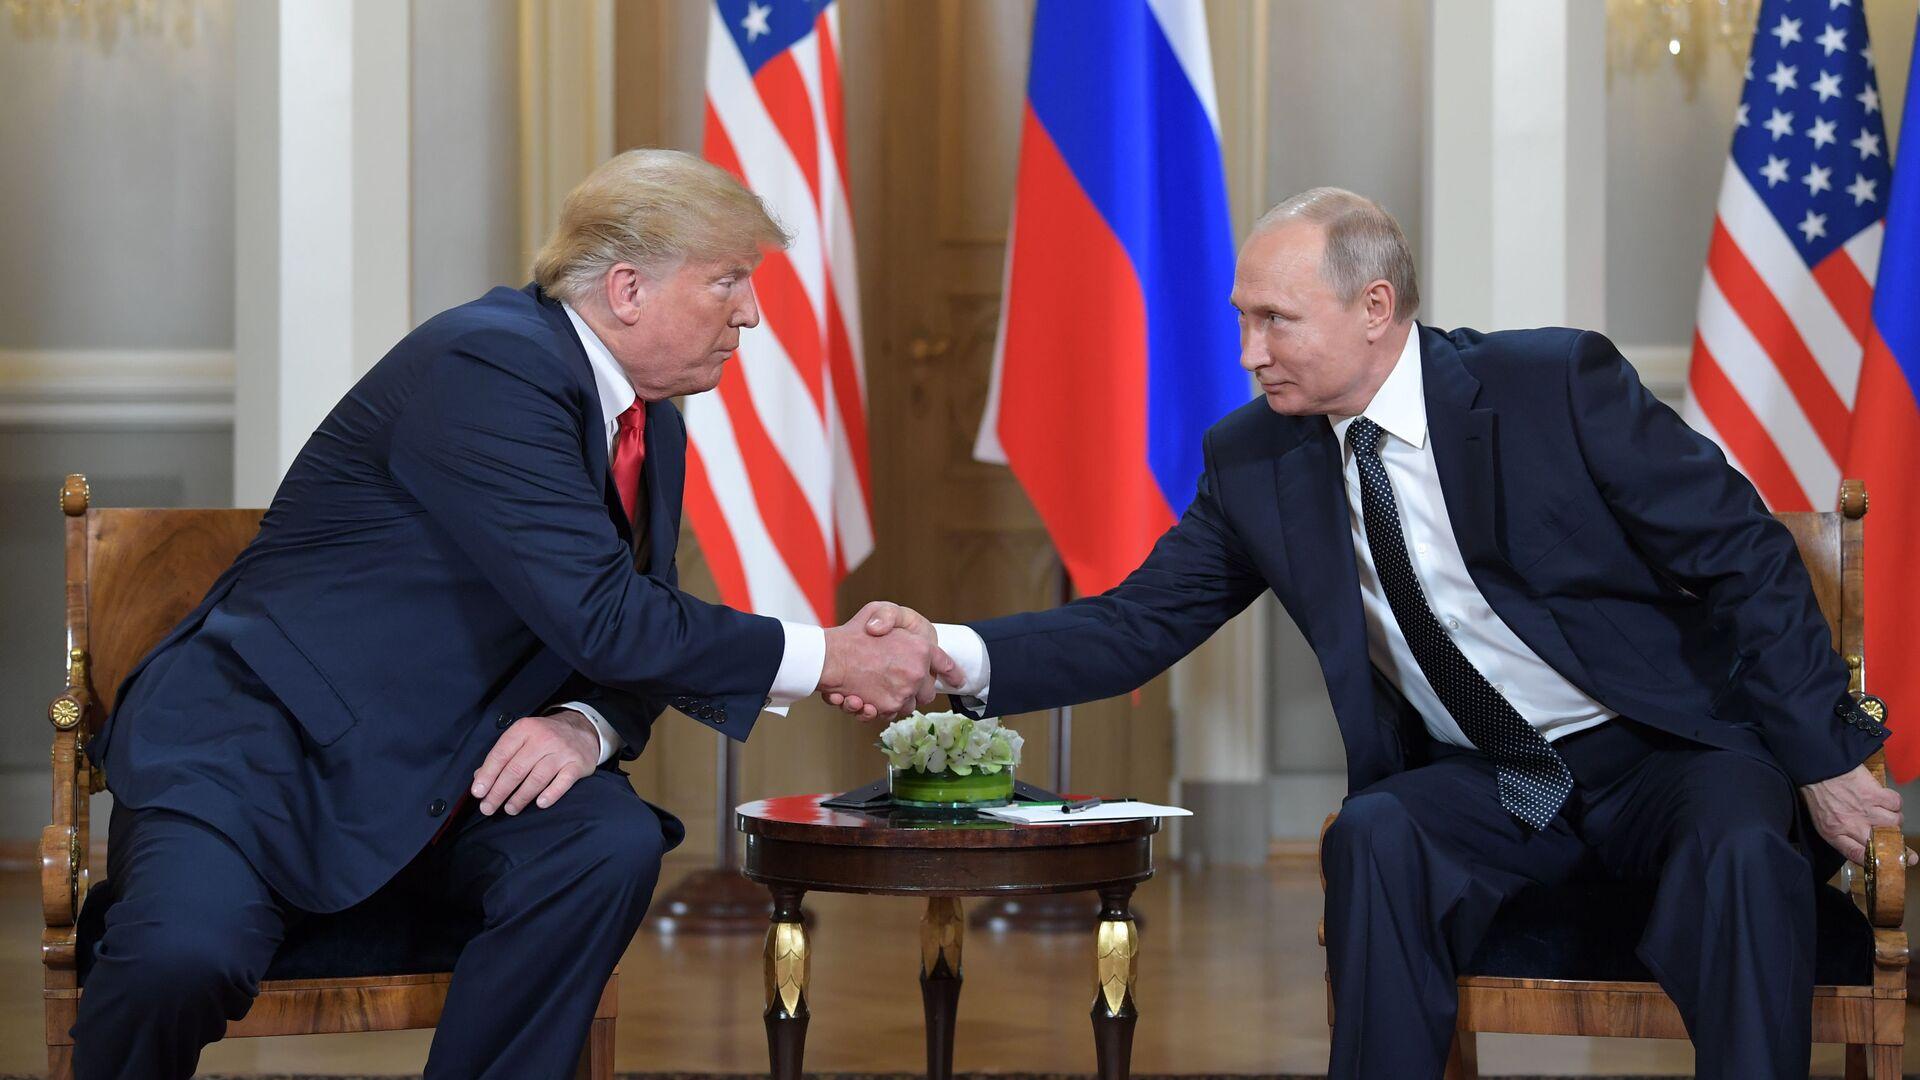 L'incontro Putin-Trump ad Helsinki - Sputnik Italia, 1920, 05.09.2021